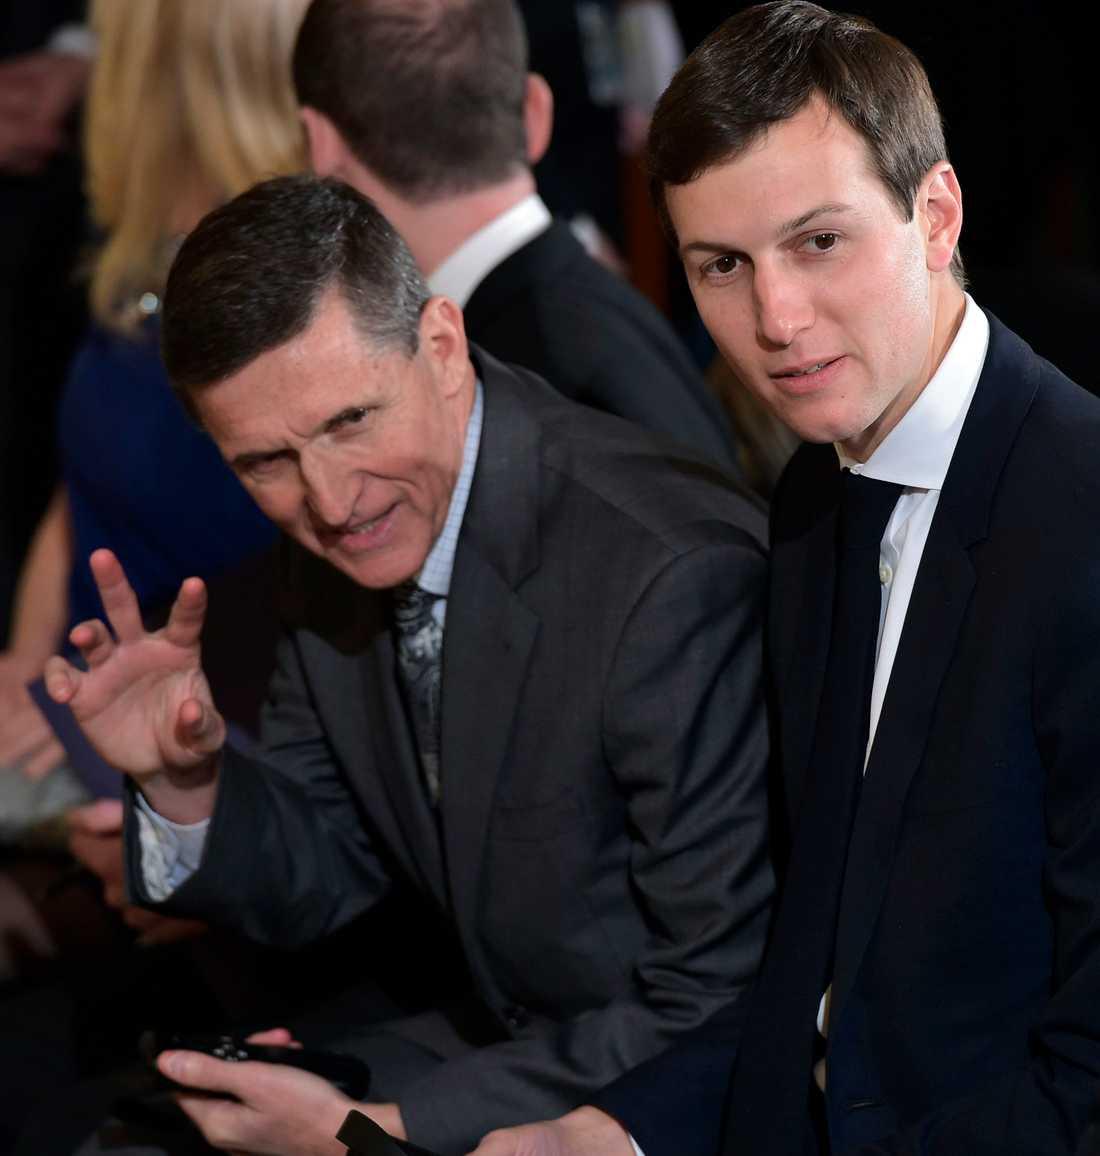 Michael Flynn och Jared Kushner vid en presskonferens tidigare i år.